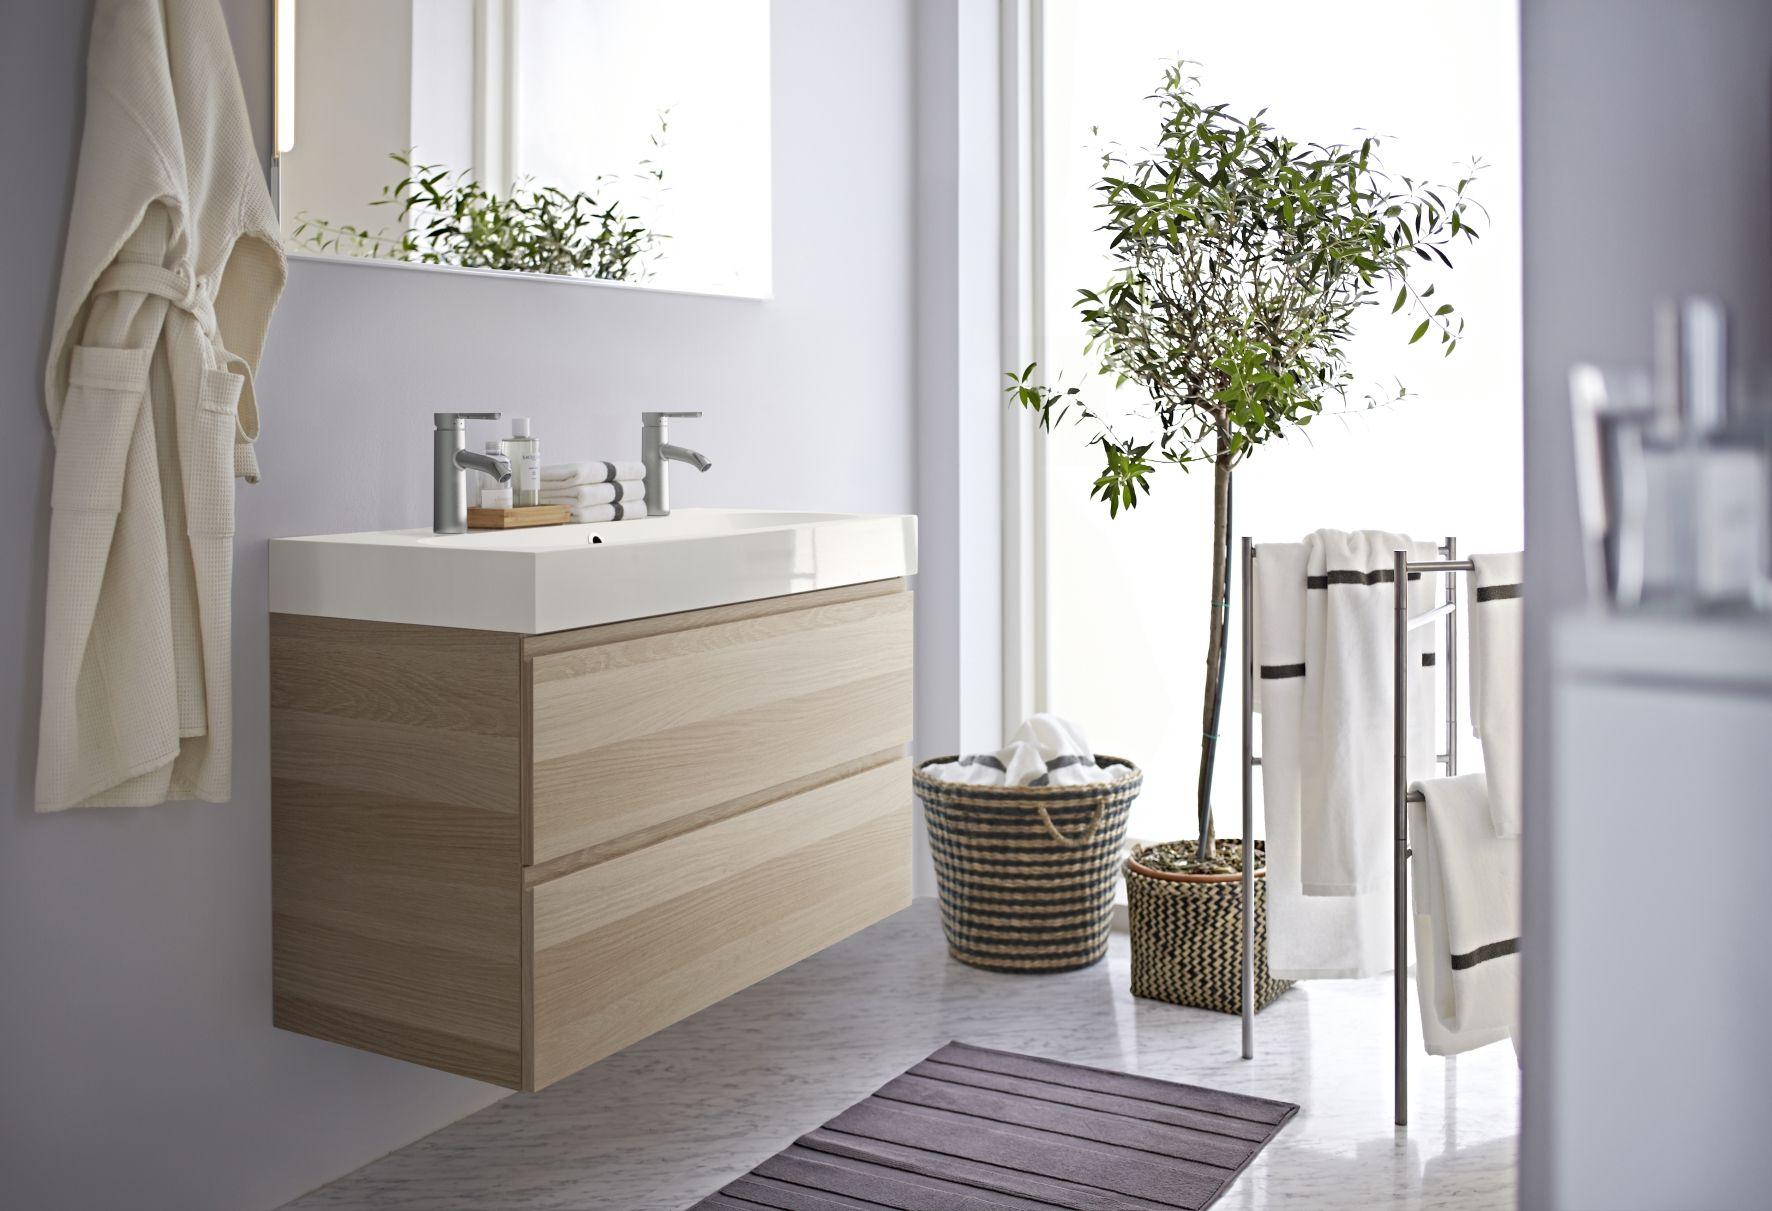 Ikea Badkamer Ikea : Godmorgon wastafelkast ikea badkamer opberger bathroom